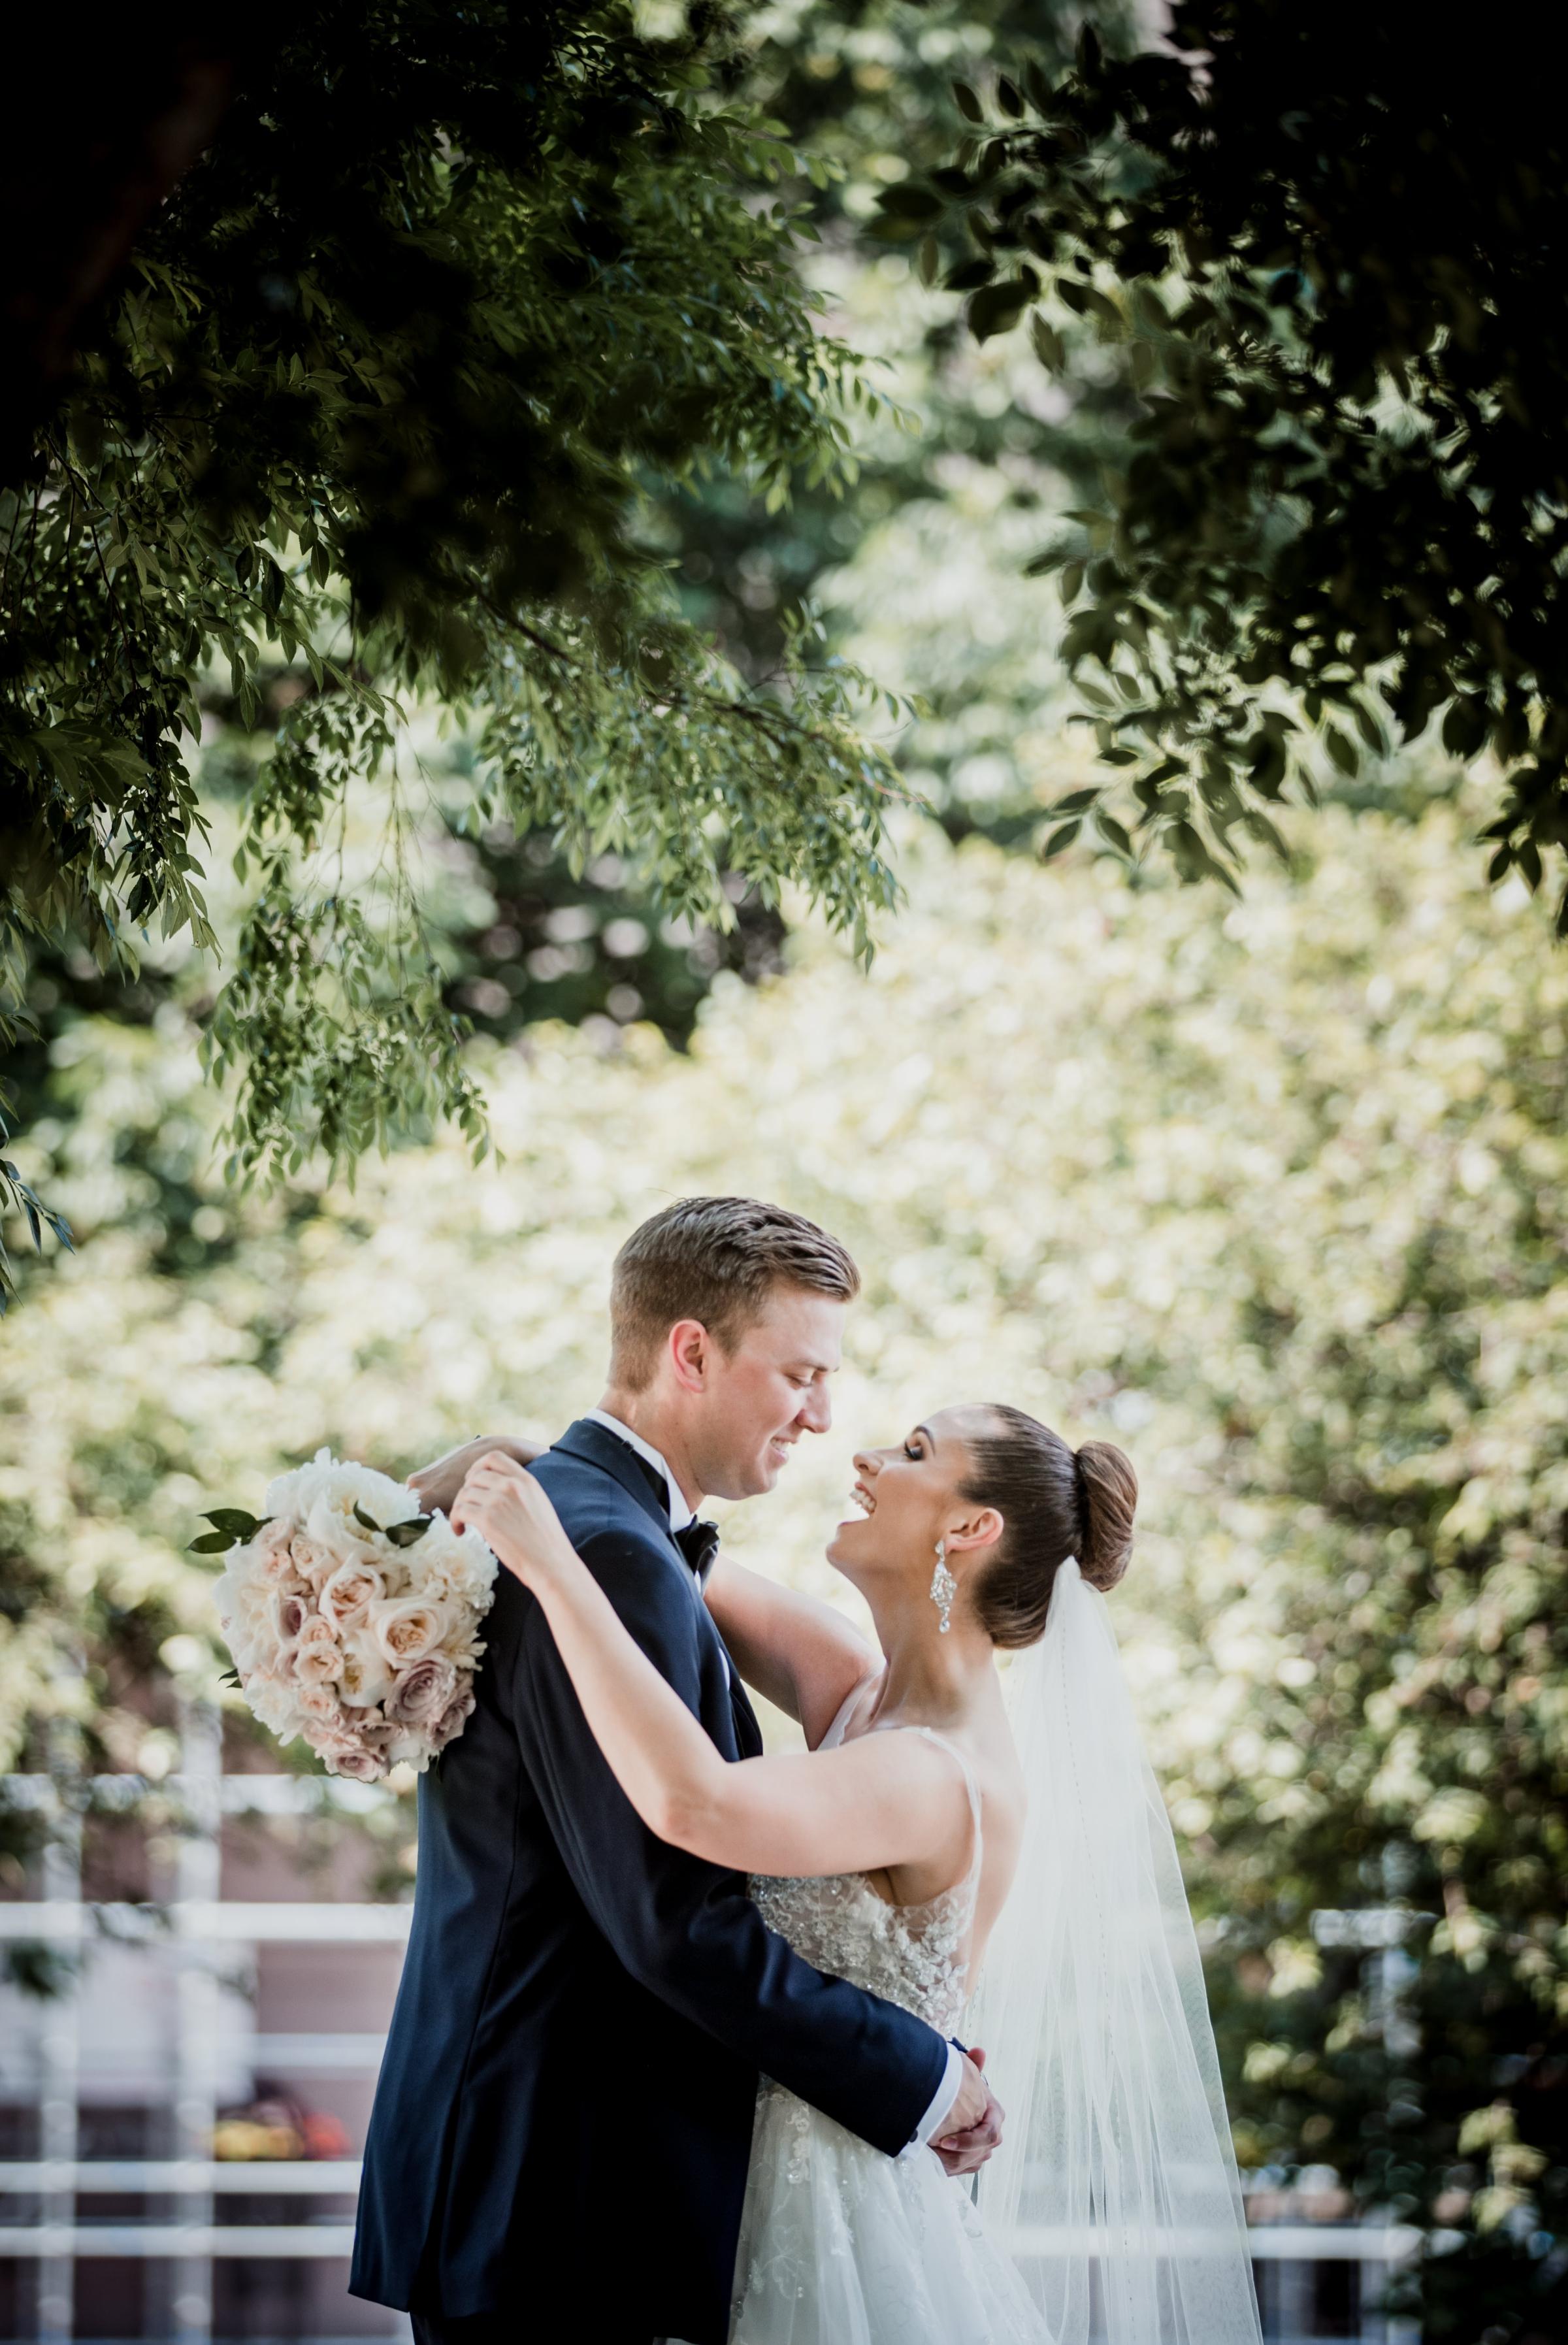 Columbus Wedding Photographer - Ohio Statehouse Wedding Photos